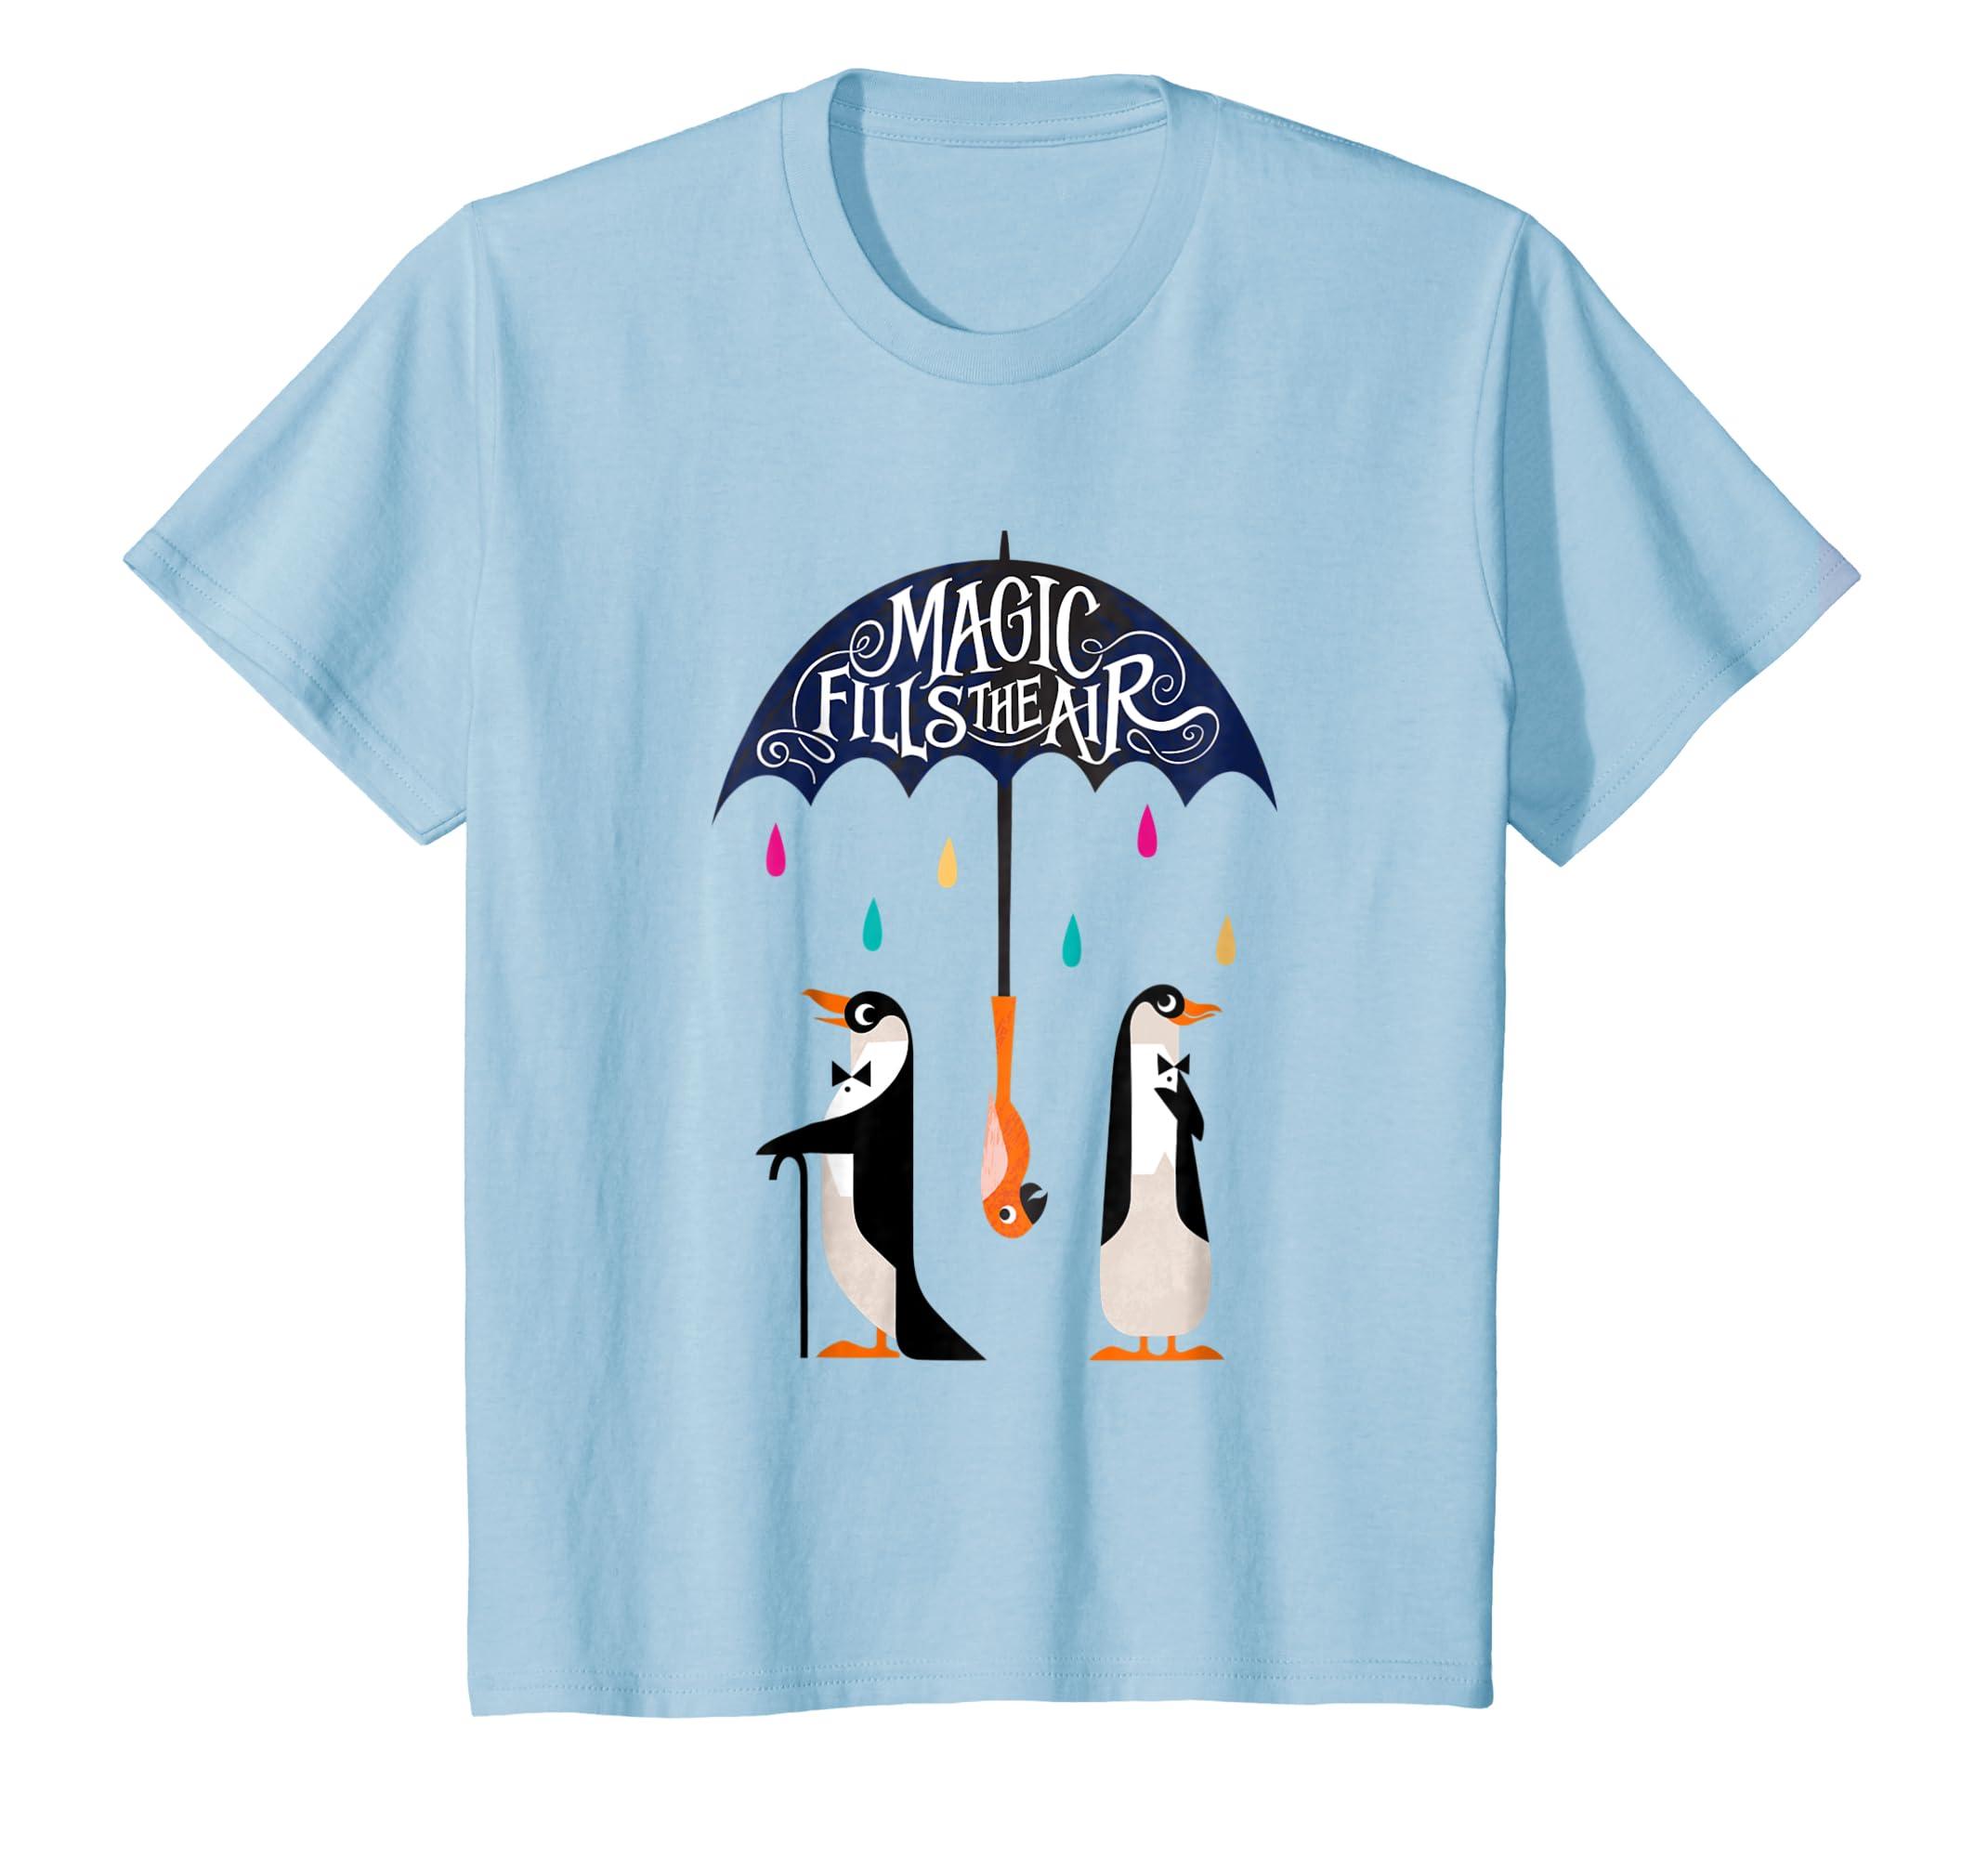 c5e3f334 Amazon.com: Disney Mary Poppins Full of Magic T-shirt: Clothing